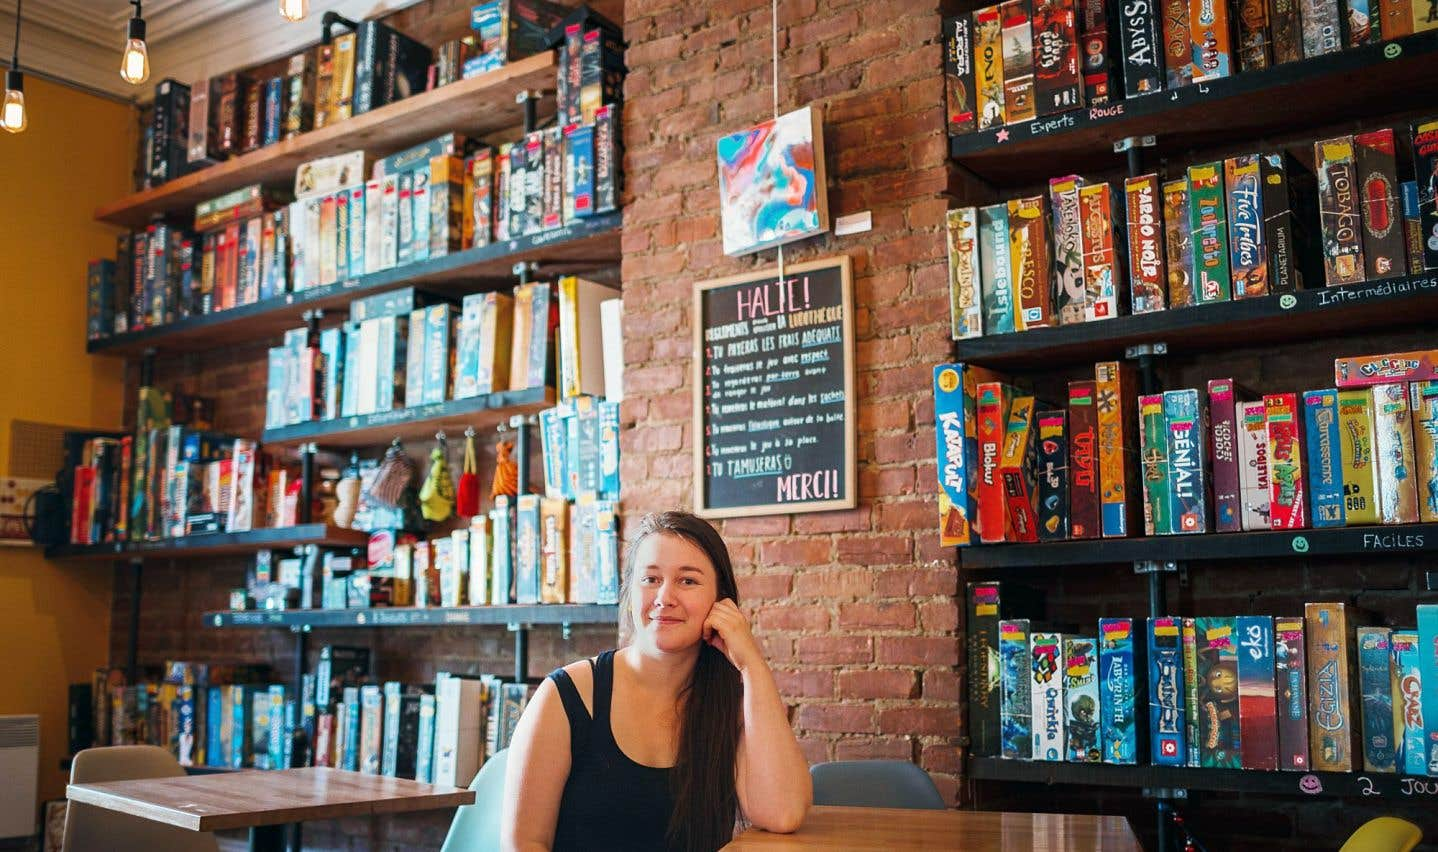 Nina-Michèle Le Floch, 26ans, baigne dans le milieu des jeux de société depuis son adolescence. Depuis 2014, elle est propriétaire de l'entreprise La Récréation, dont sa mère lui a cédé les rênes.